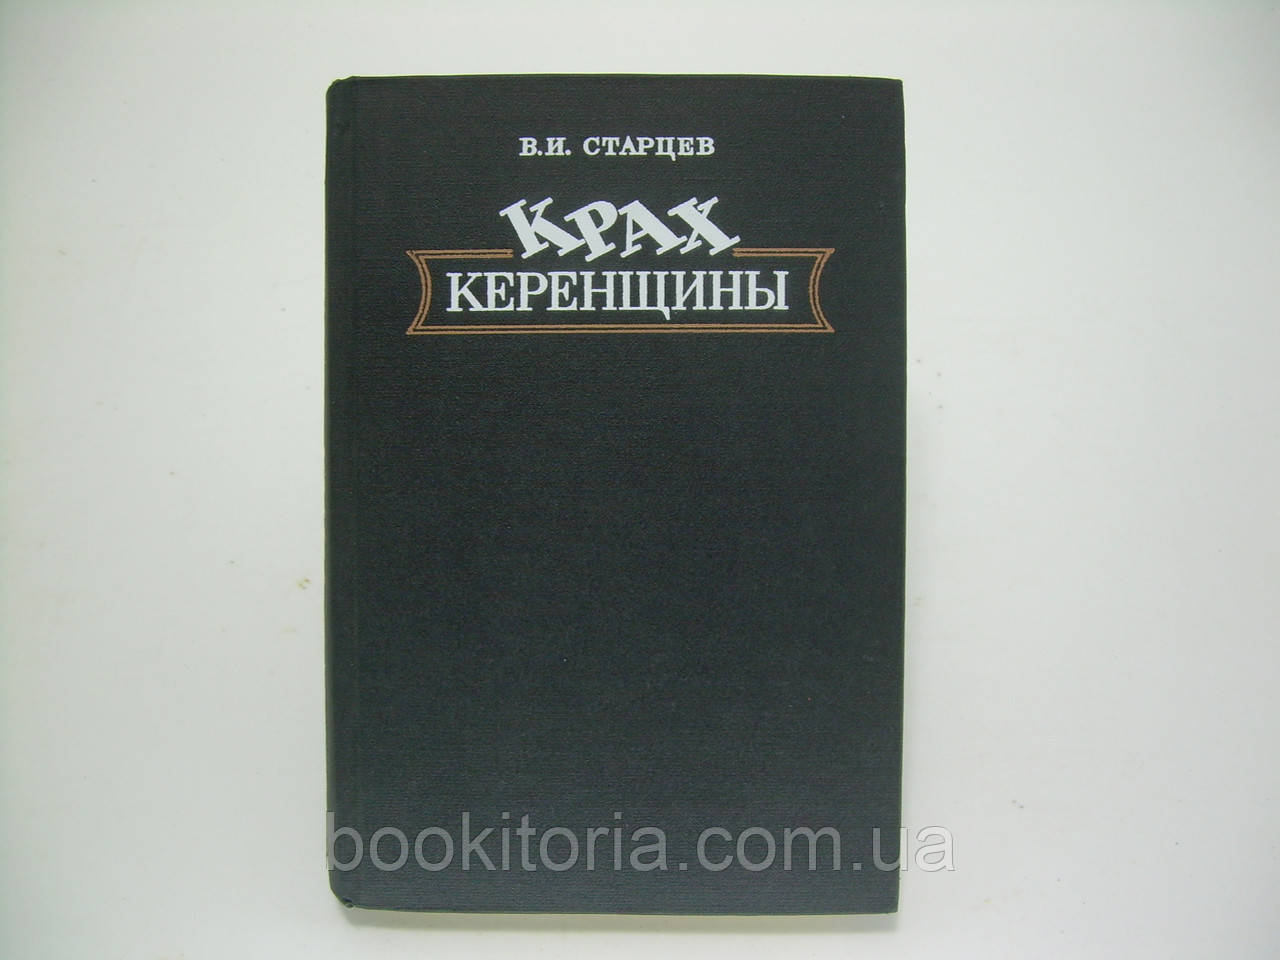 Старцев В.И. Крах керенщины (б/у).